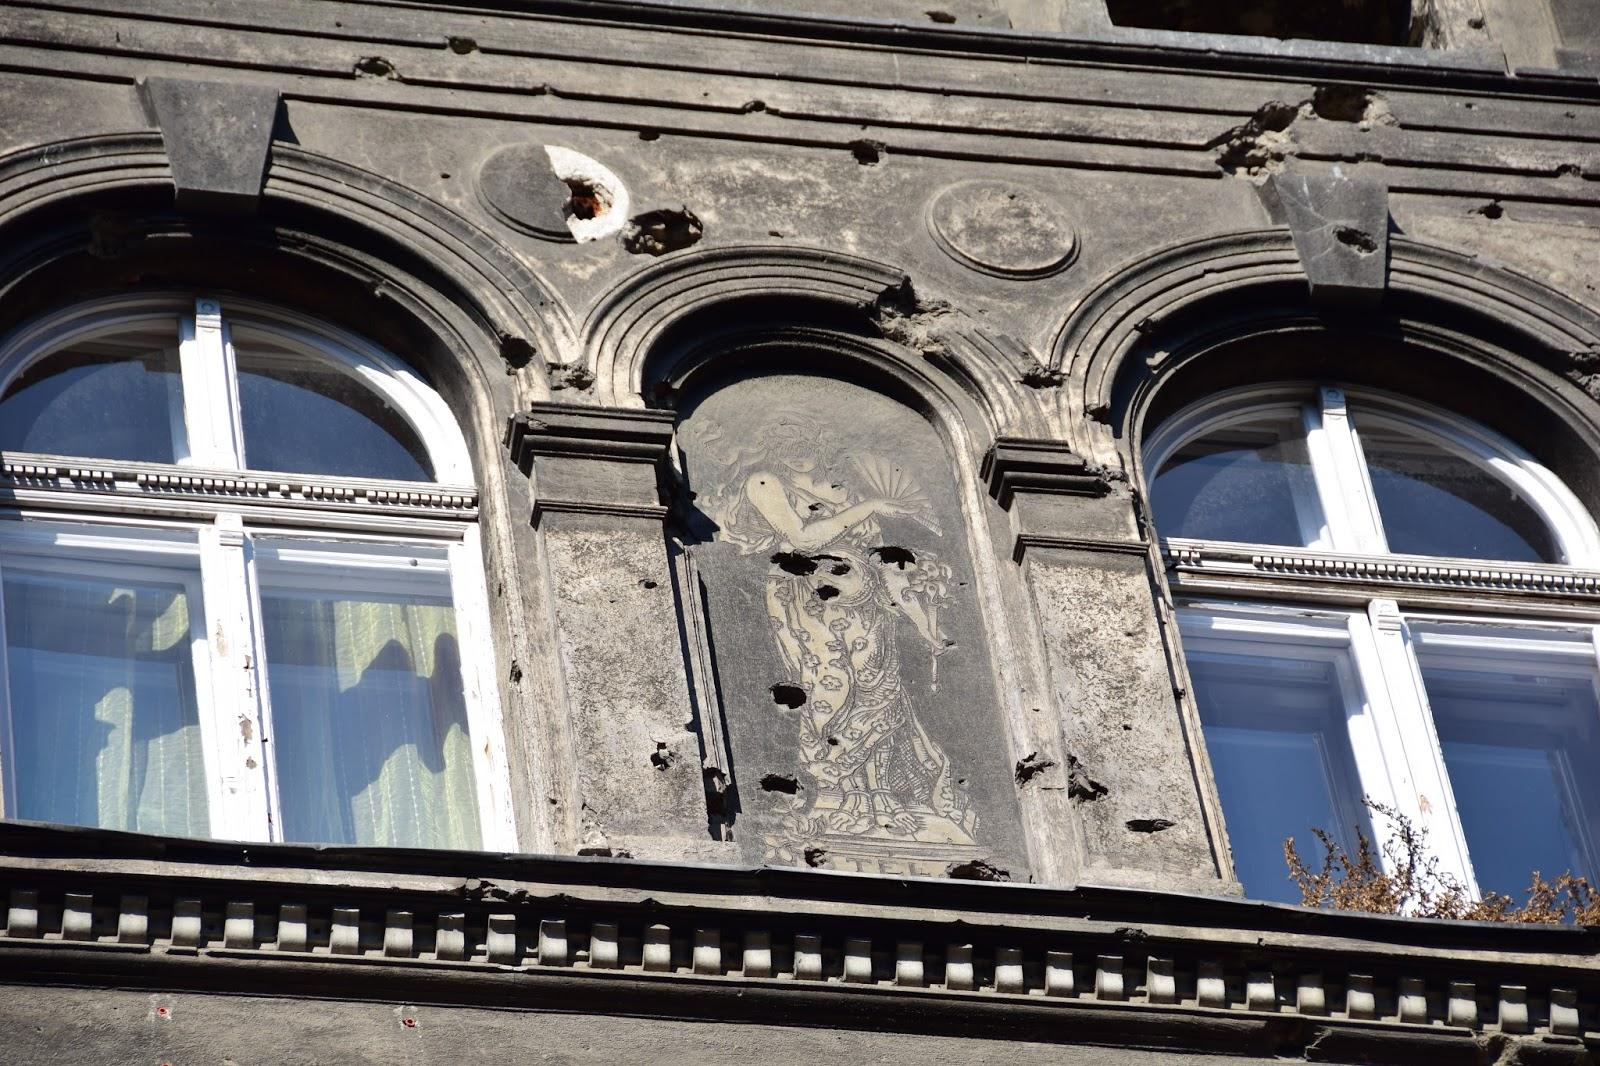 GABT still in disrepair 11